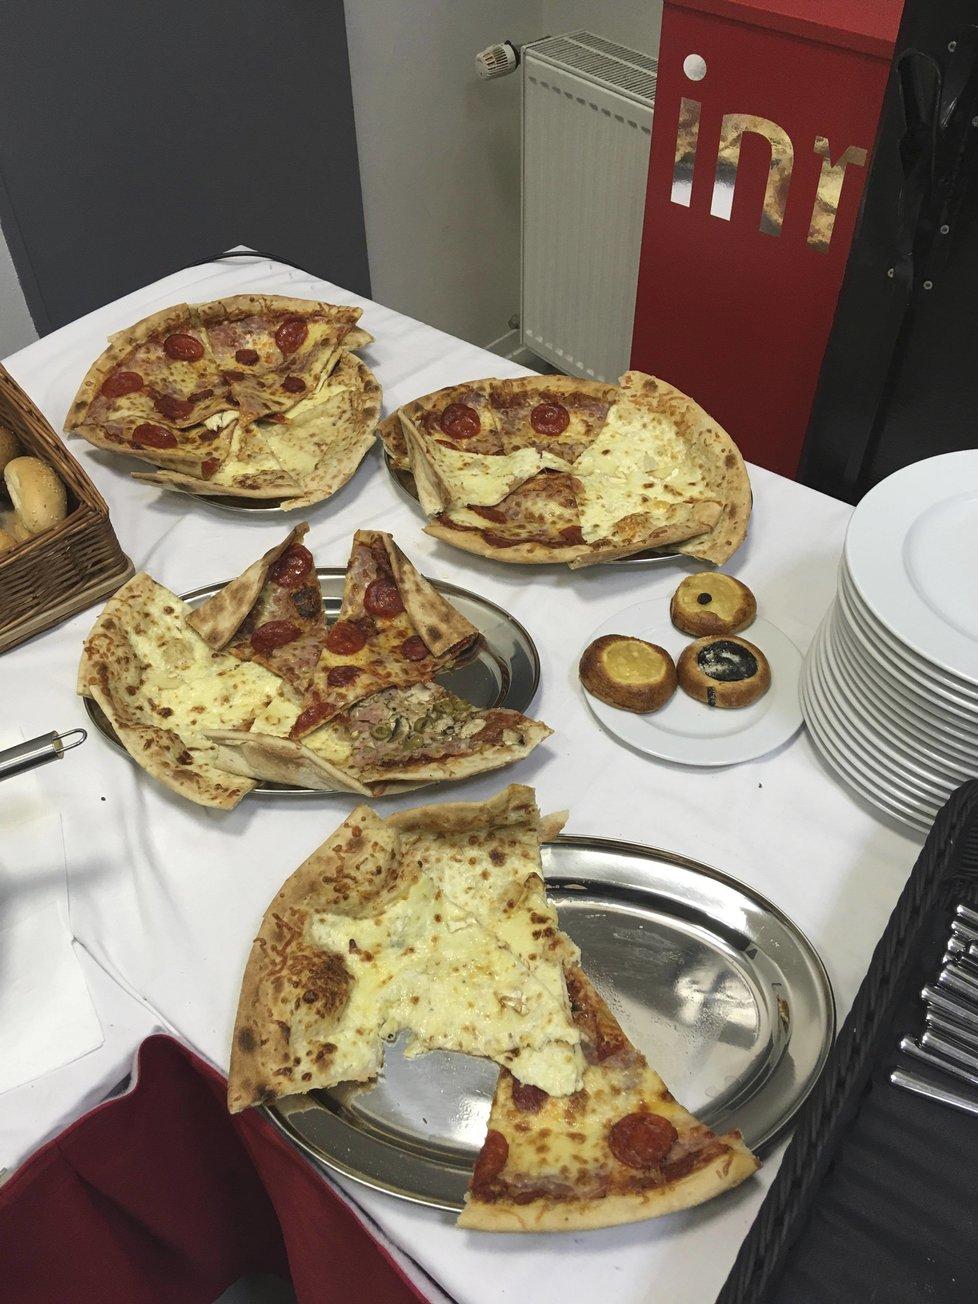 Ve štábu KDU-ČSL došly řízky, lidovci je nahradili pizzou.